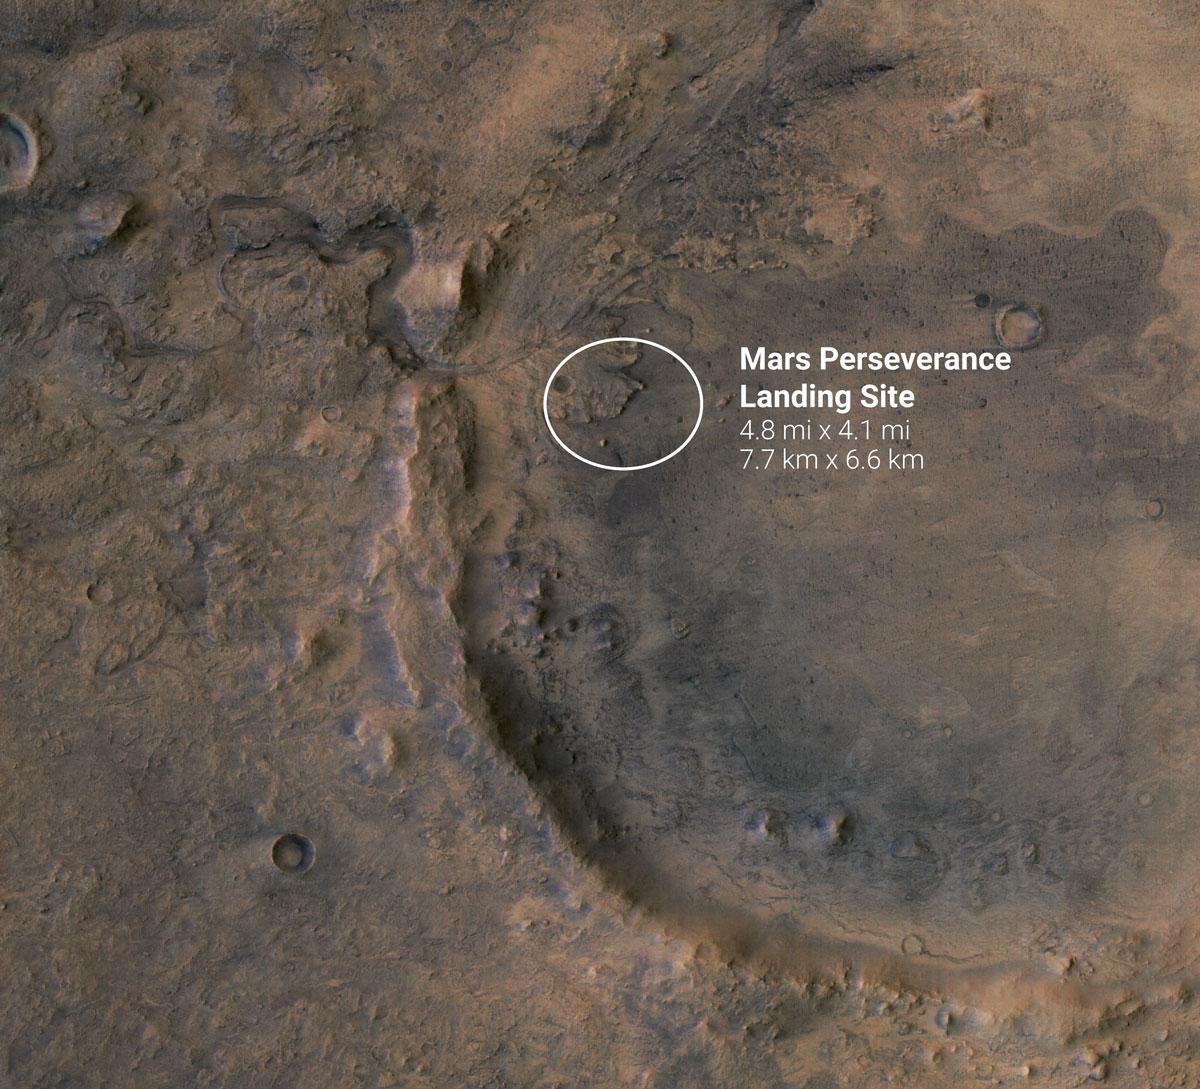 Mars heeft er weer een bezoeker bij - De Standaard